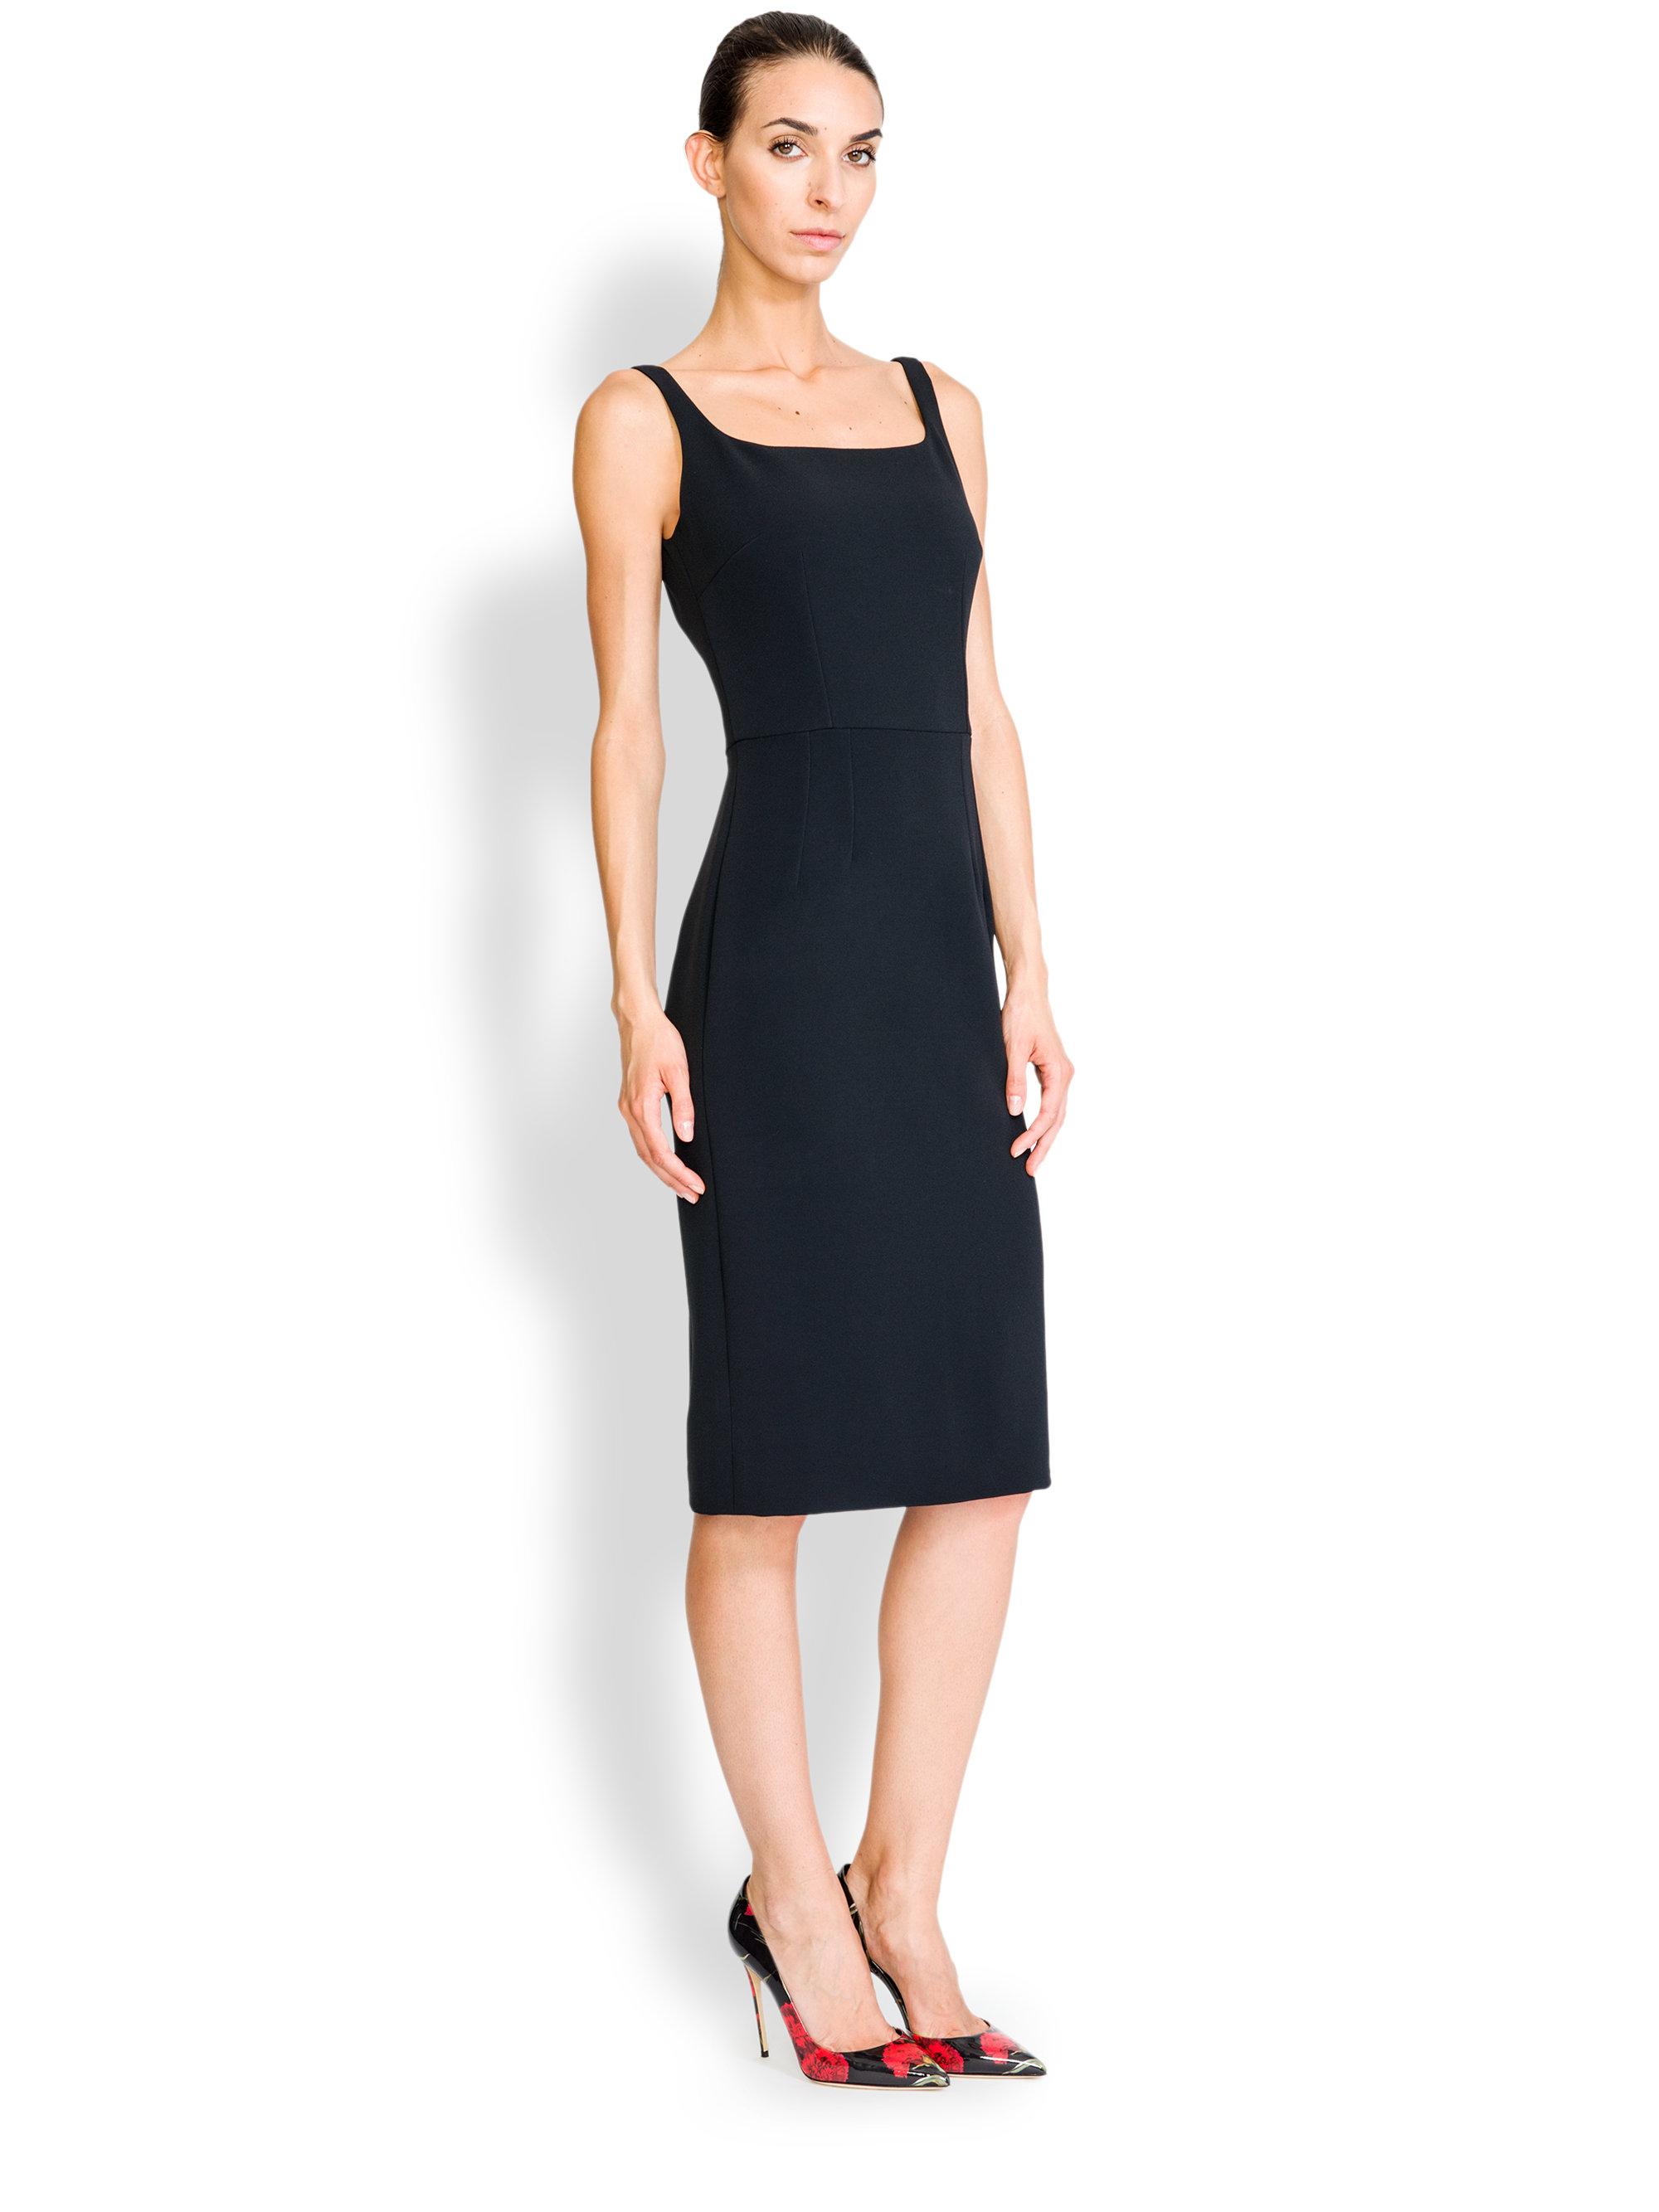 9d1c14586d72d Lyst - Dolce   Gabbana Tubino Squareneck Sheath in Black